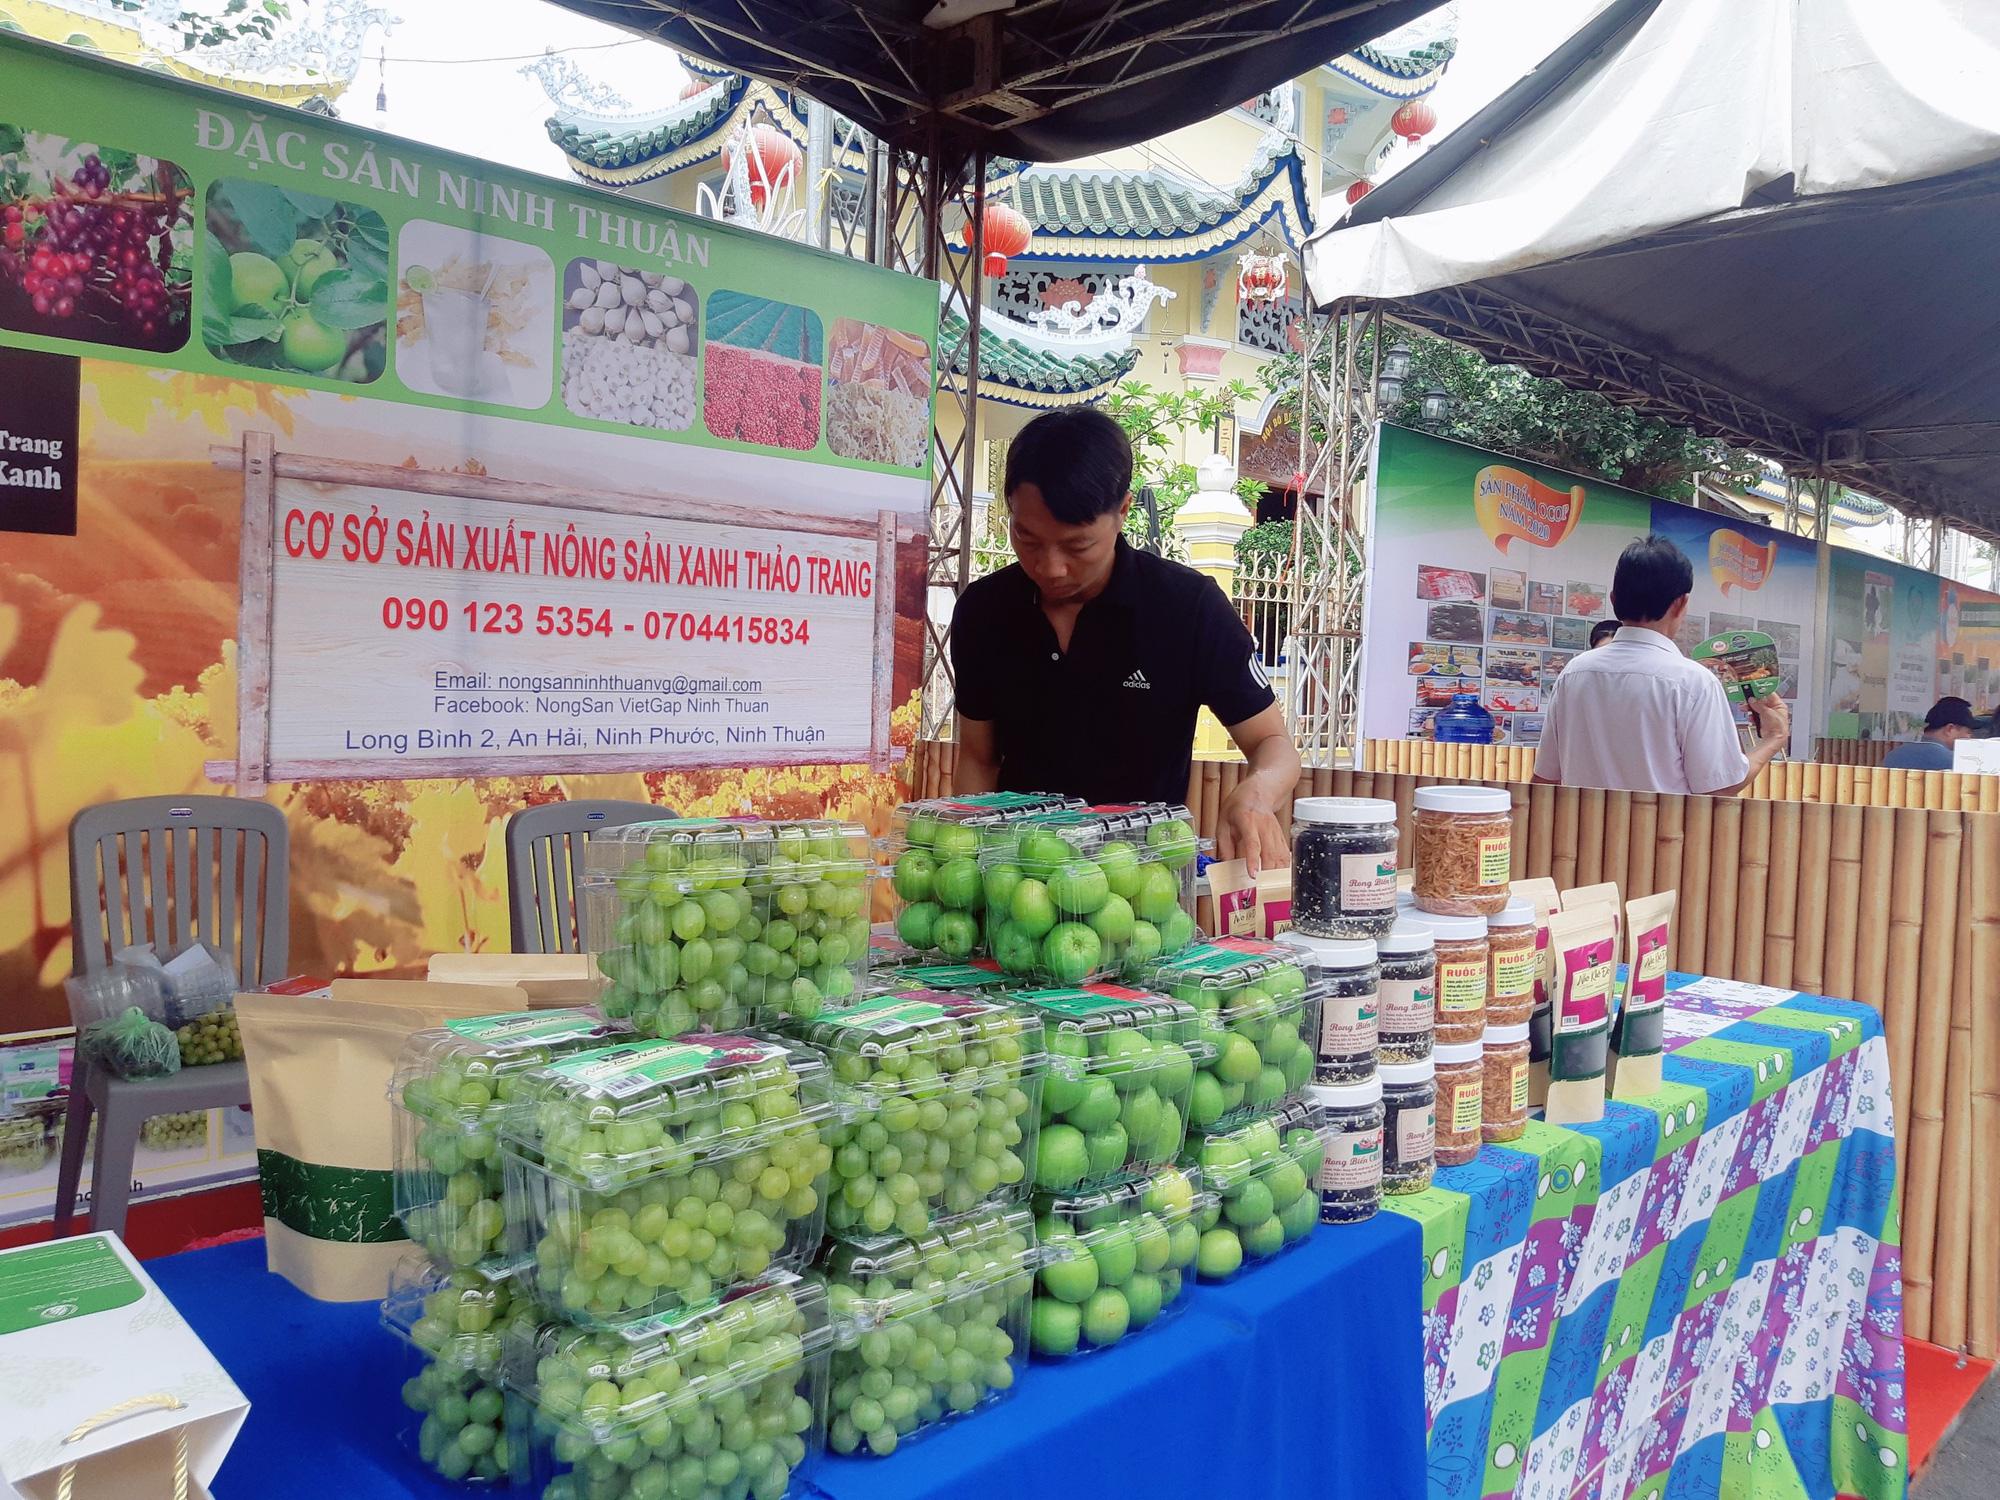 Sản phẩm OCOP 24 tỉnh, thành hội tụ tại Châu Đốc An Giang - Ảnh 13.